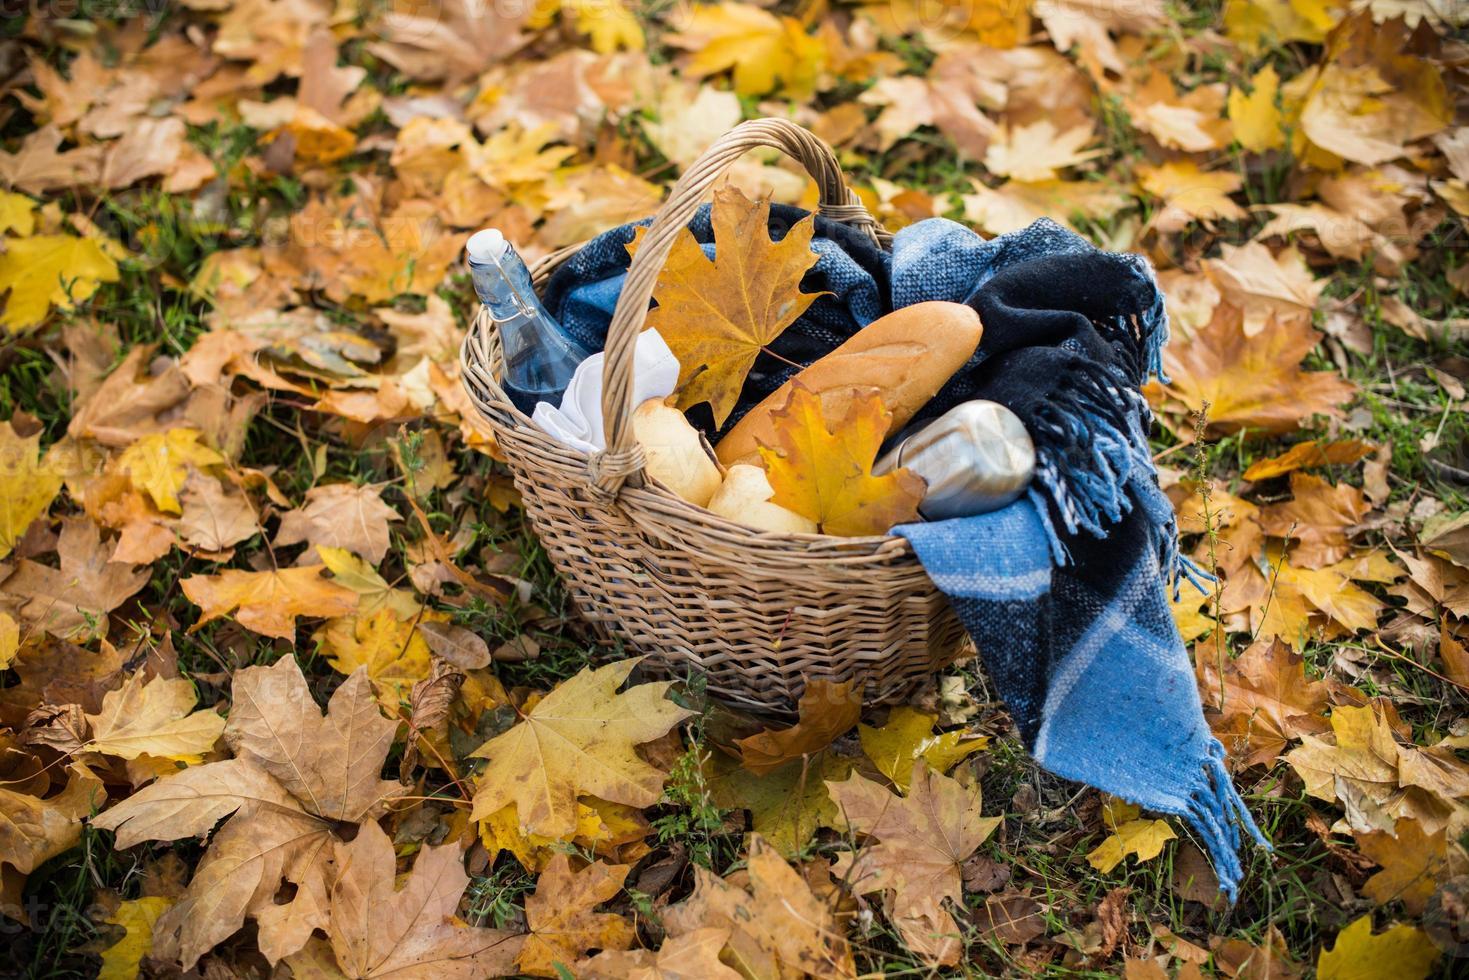 herfst picknick in het park foto